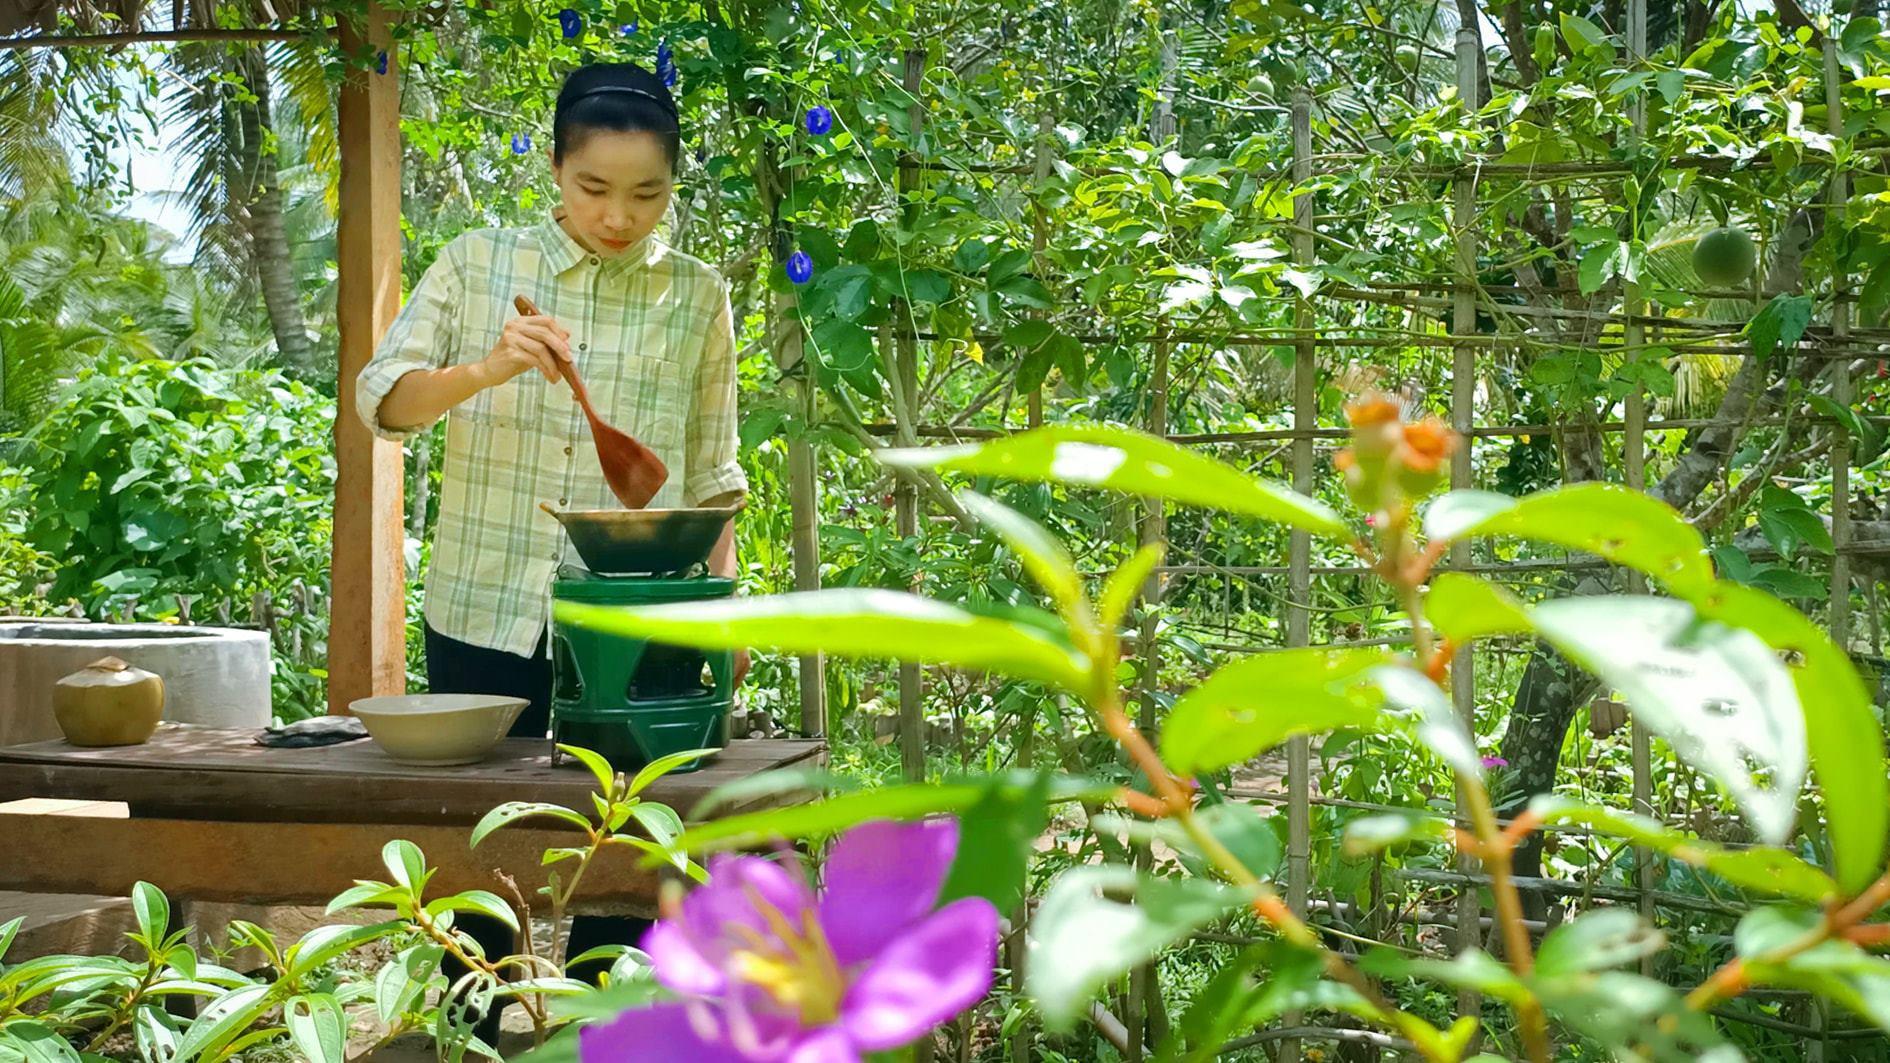 Bỏ phố về quê, cặp vợ chồng Bến Tre làm khu vườn 500m2 tràn ngập rau trái - 5